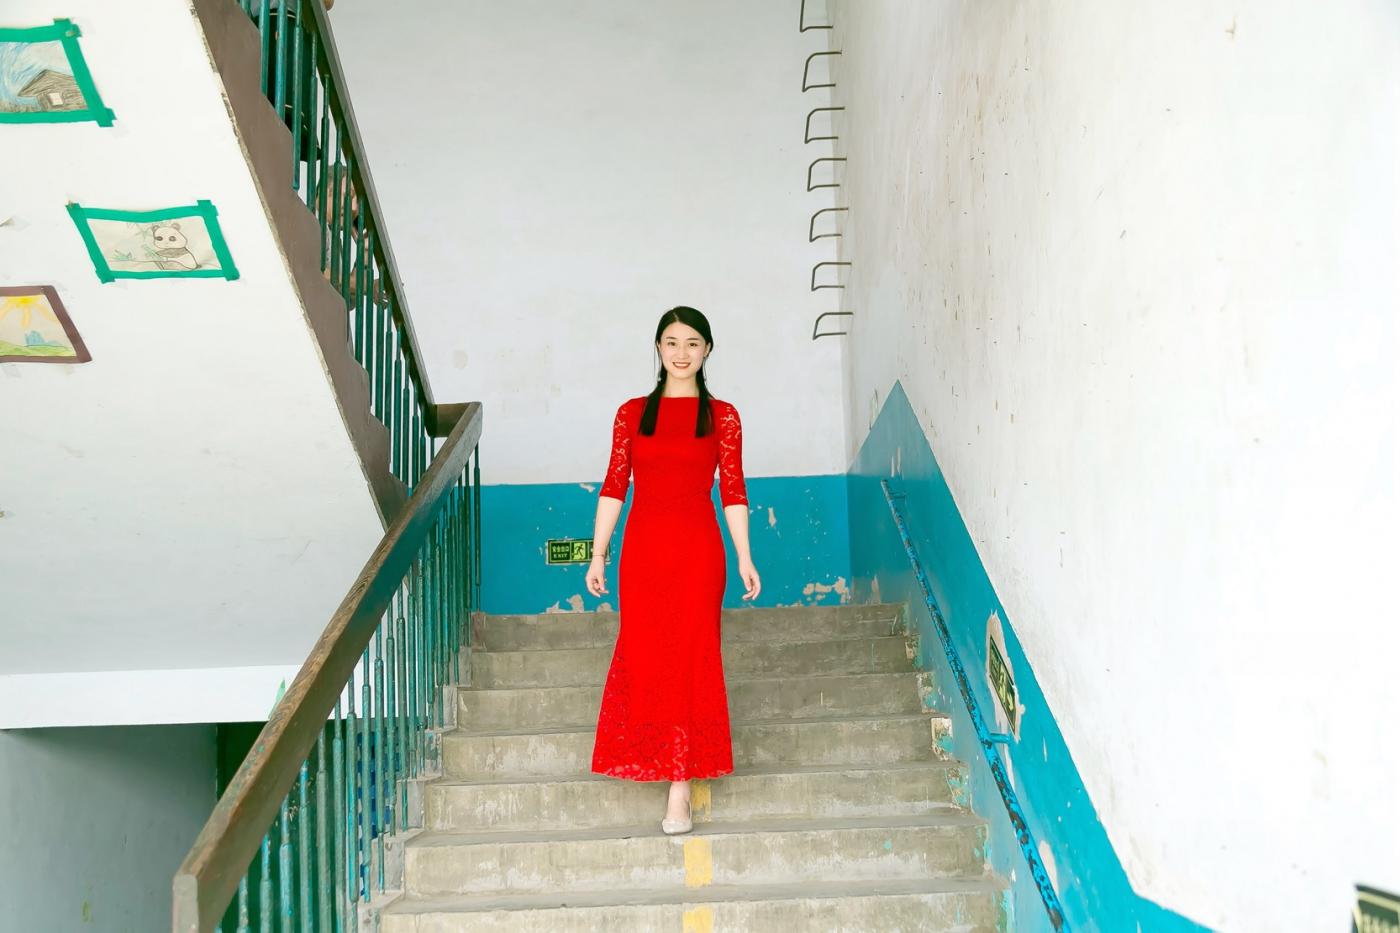 和偶遇的美丽乡村女教师一起过六一_图1-24